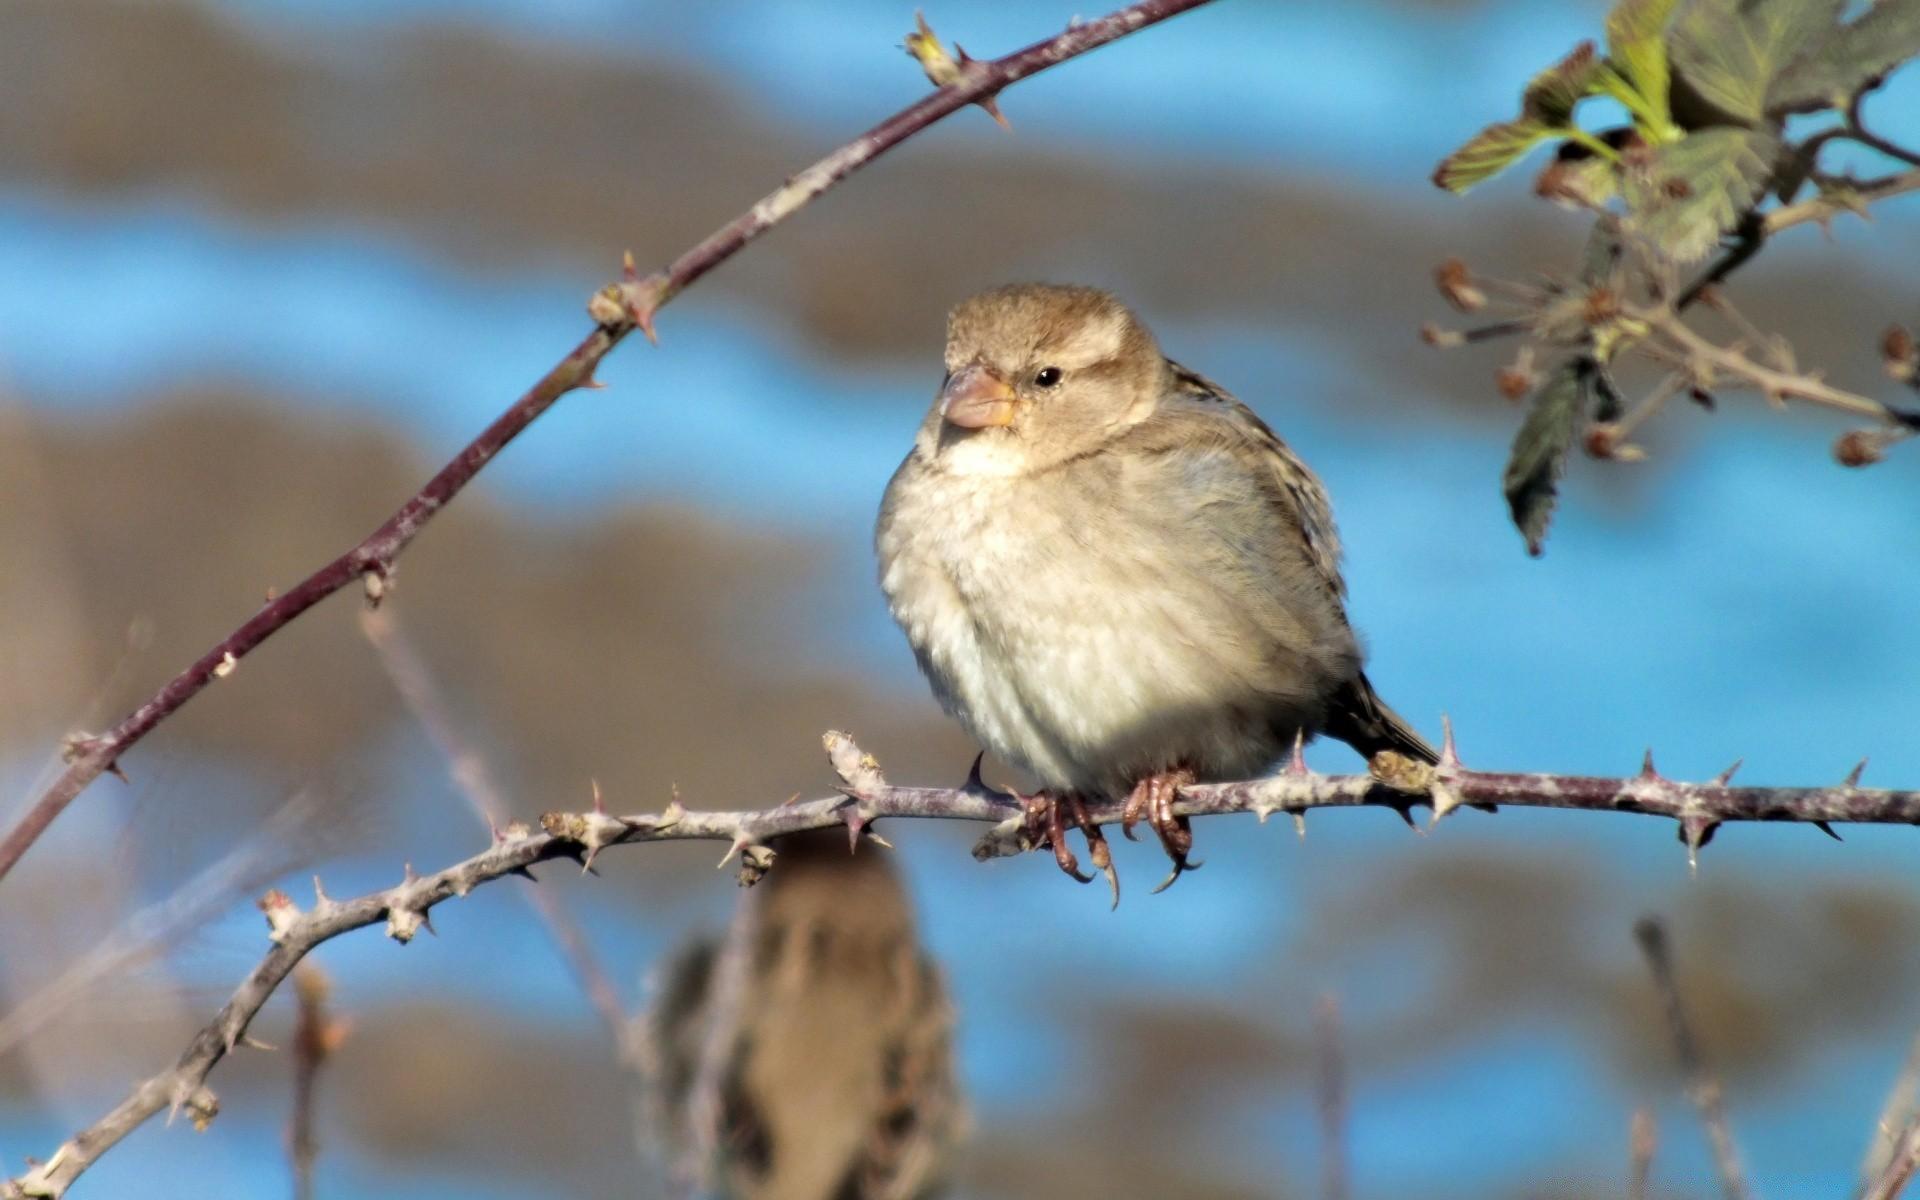 Cute sparrows wallpaper